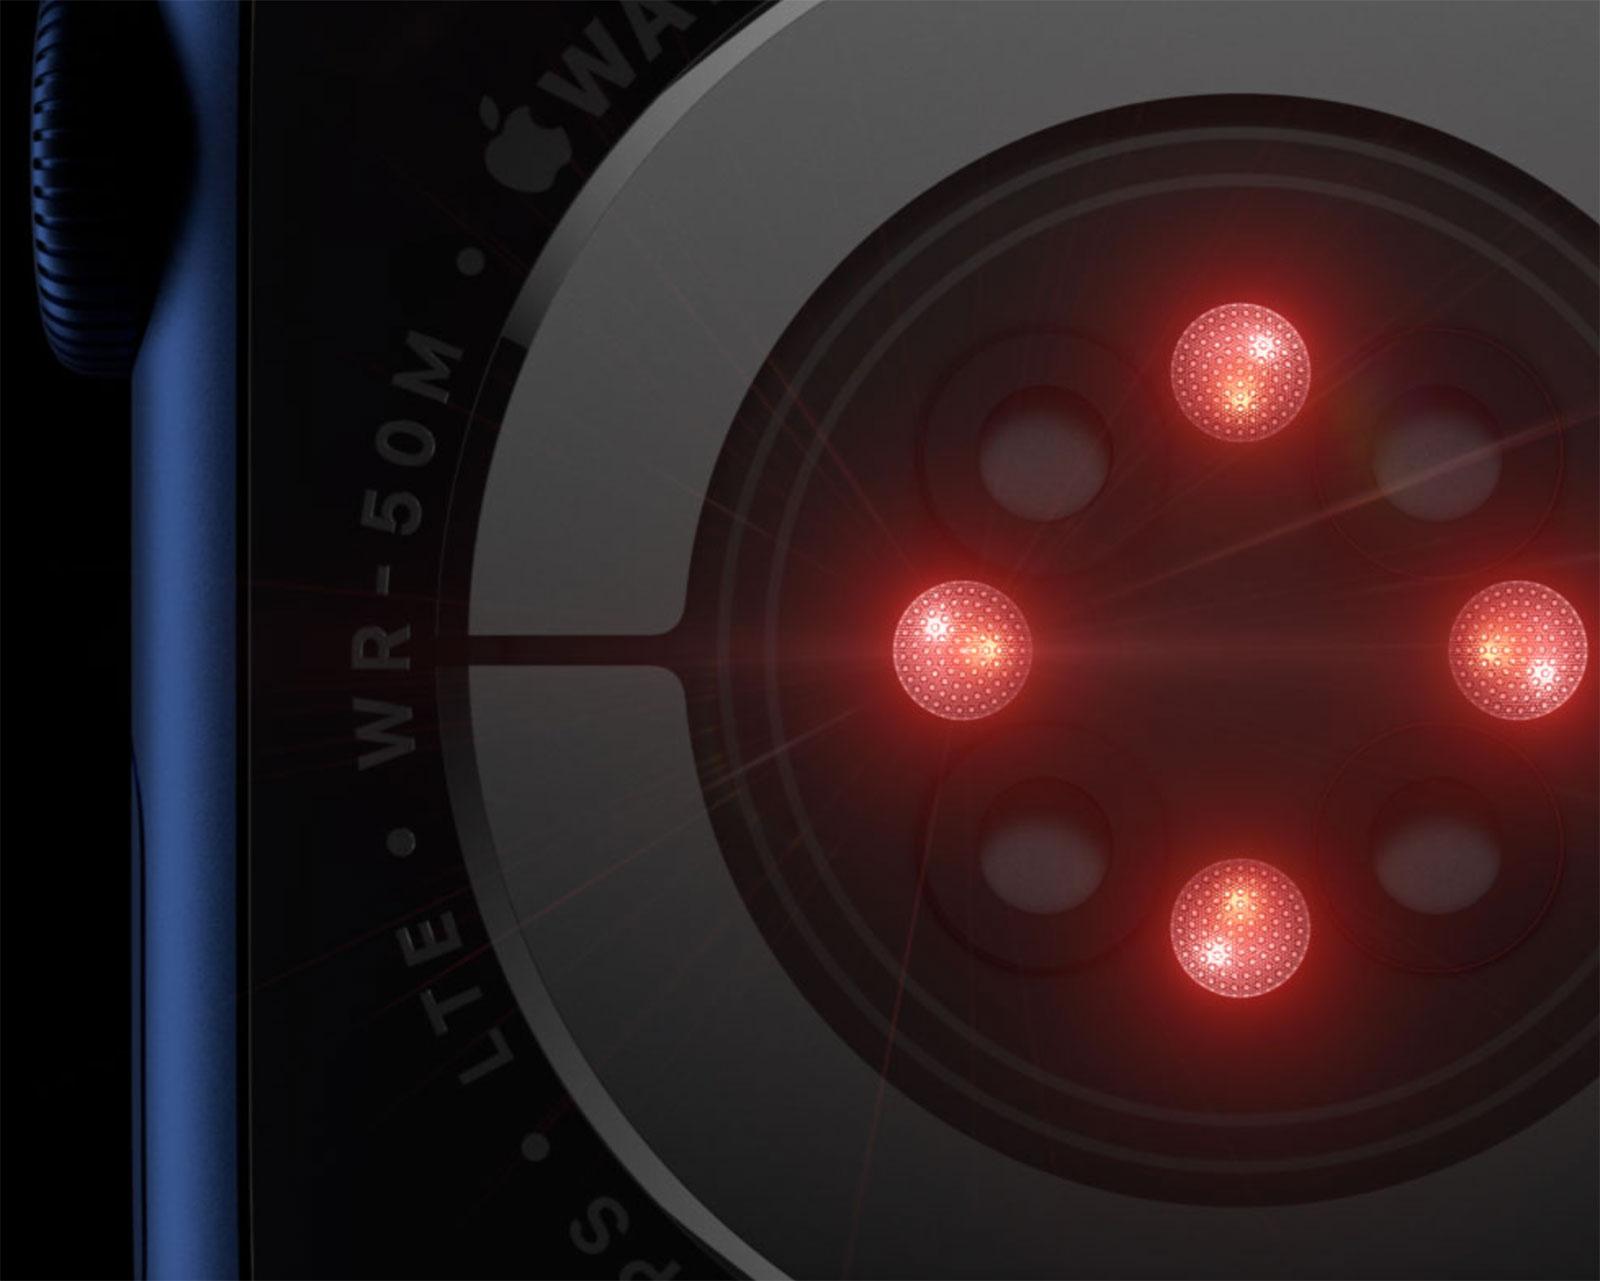 Sensores de luz infrarroja para medir saturación de oxígeno en sangre con el Apple Watch Series 6